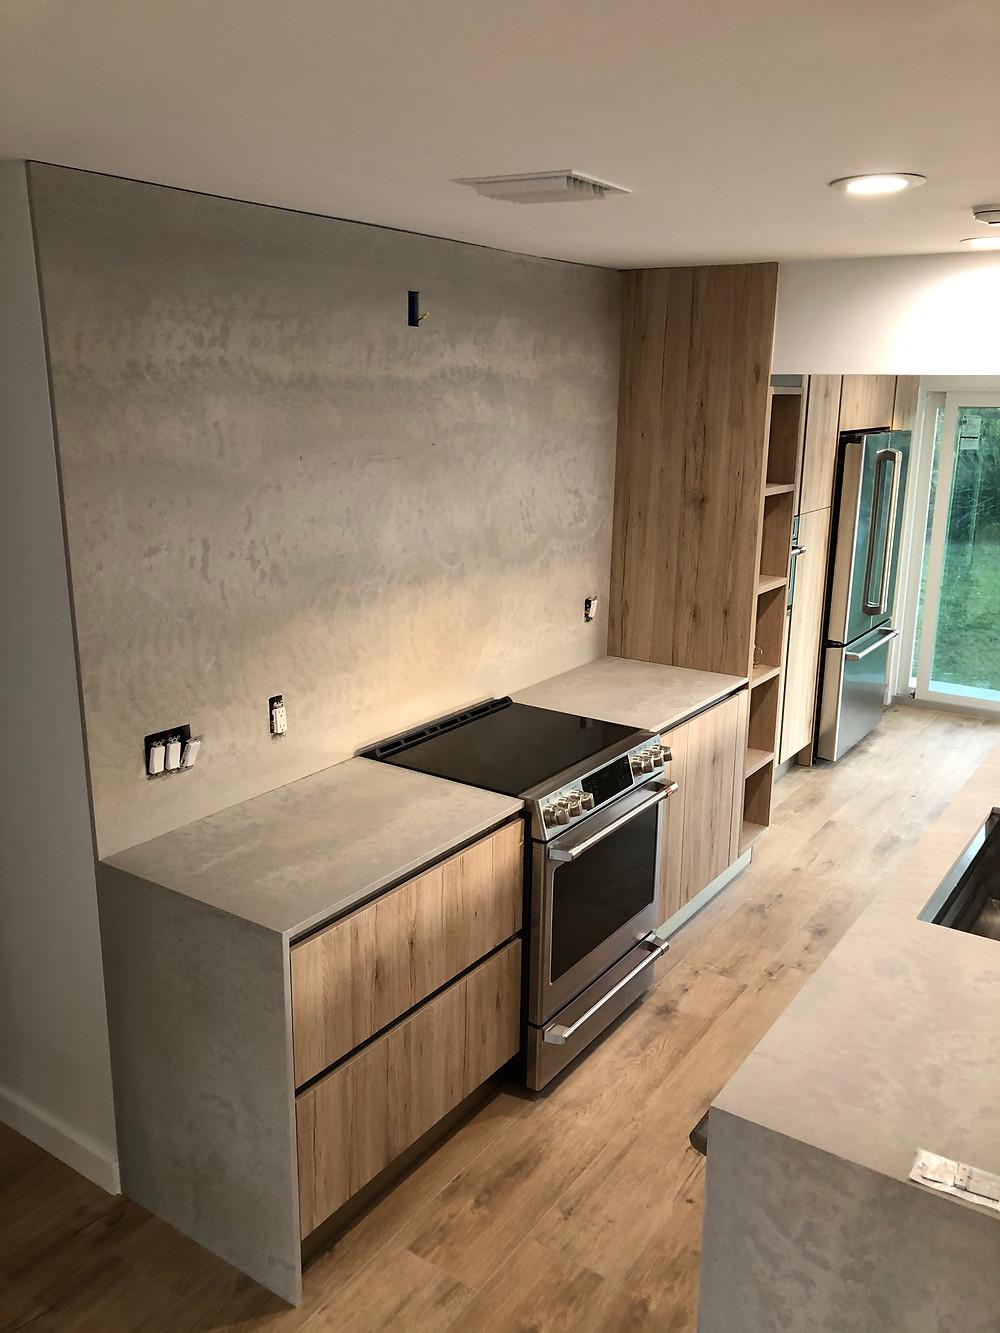 Caesarstone  Kitchen quartz countertops installer in Boca Raton FL Stone and Quartz LLC